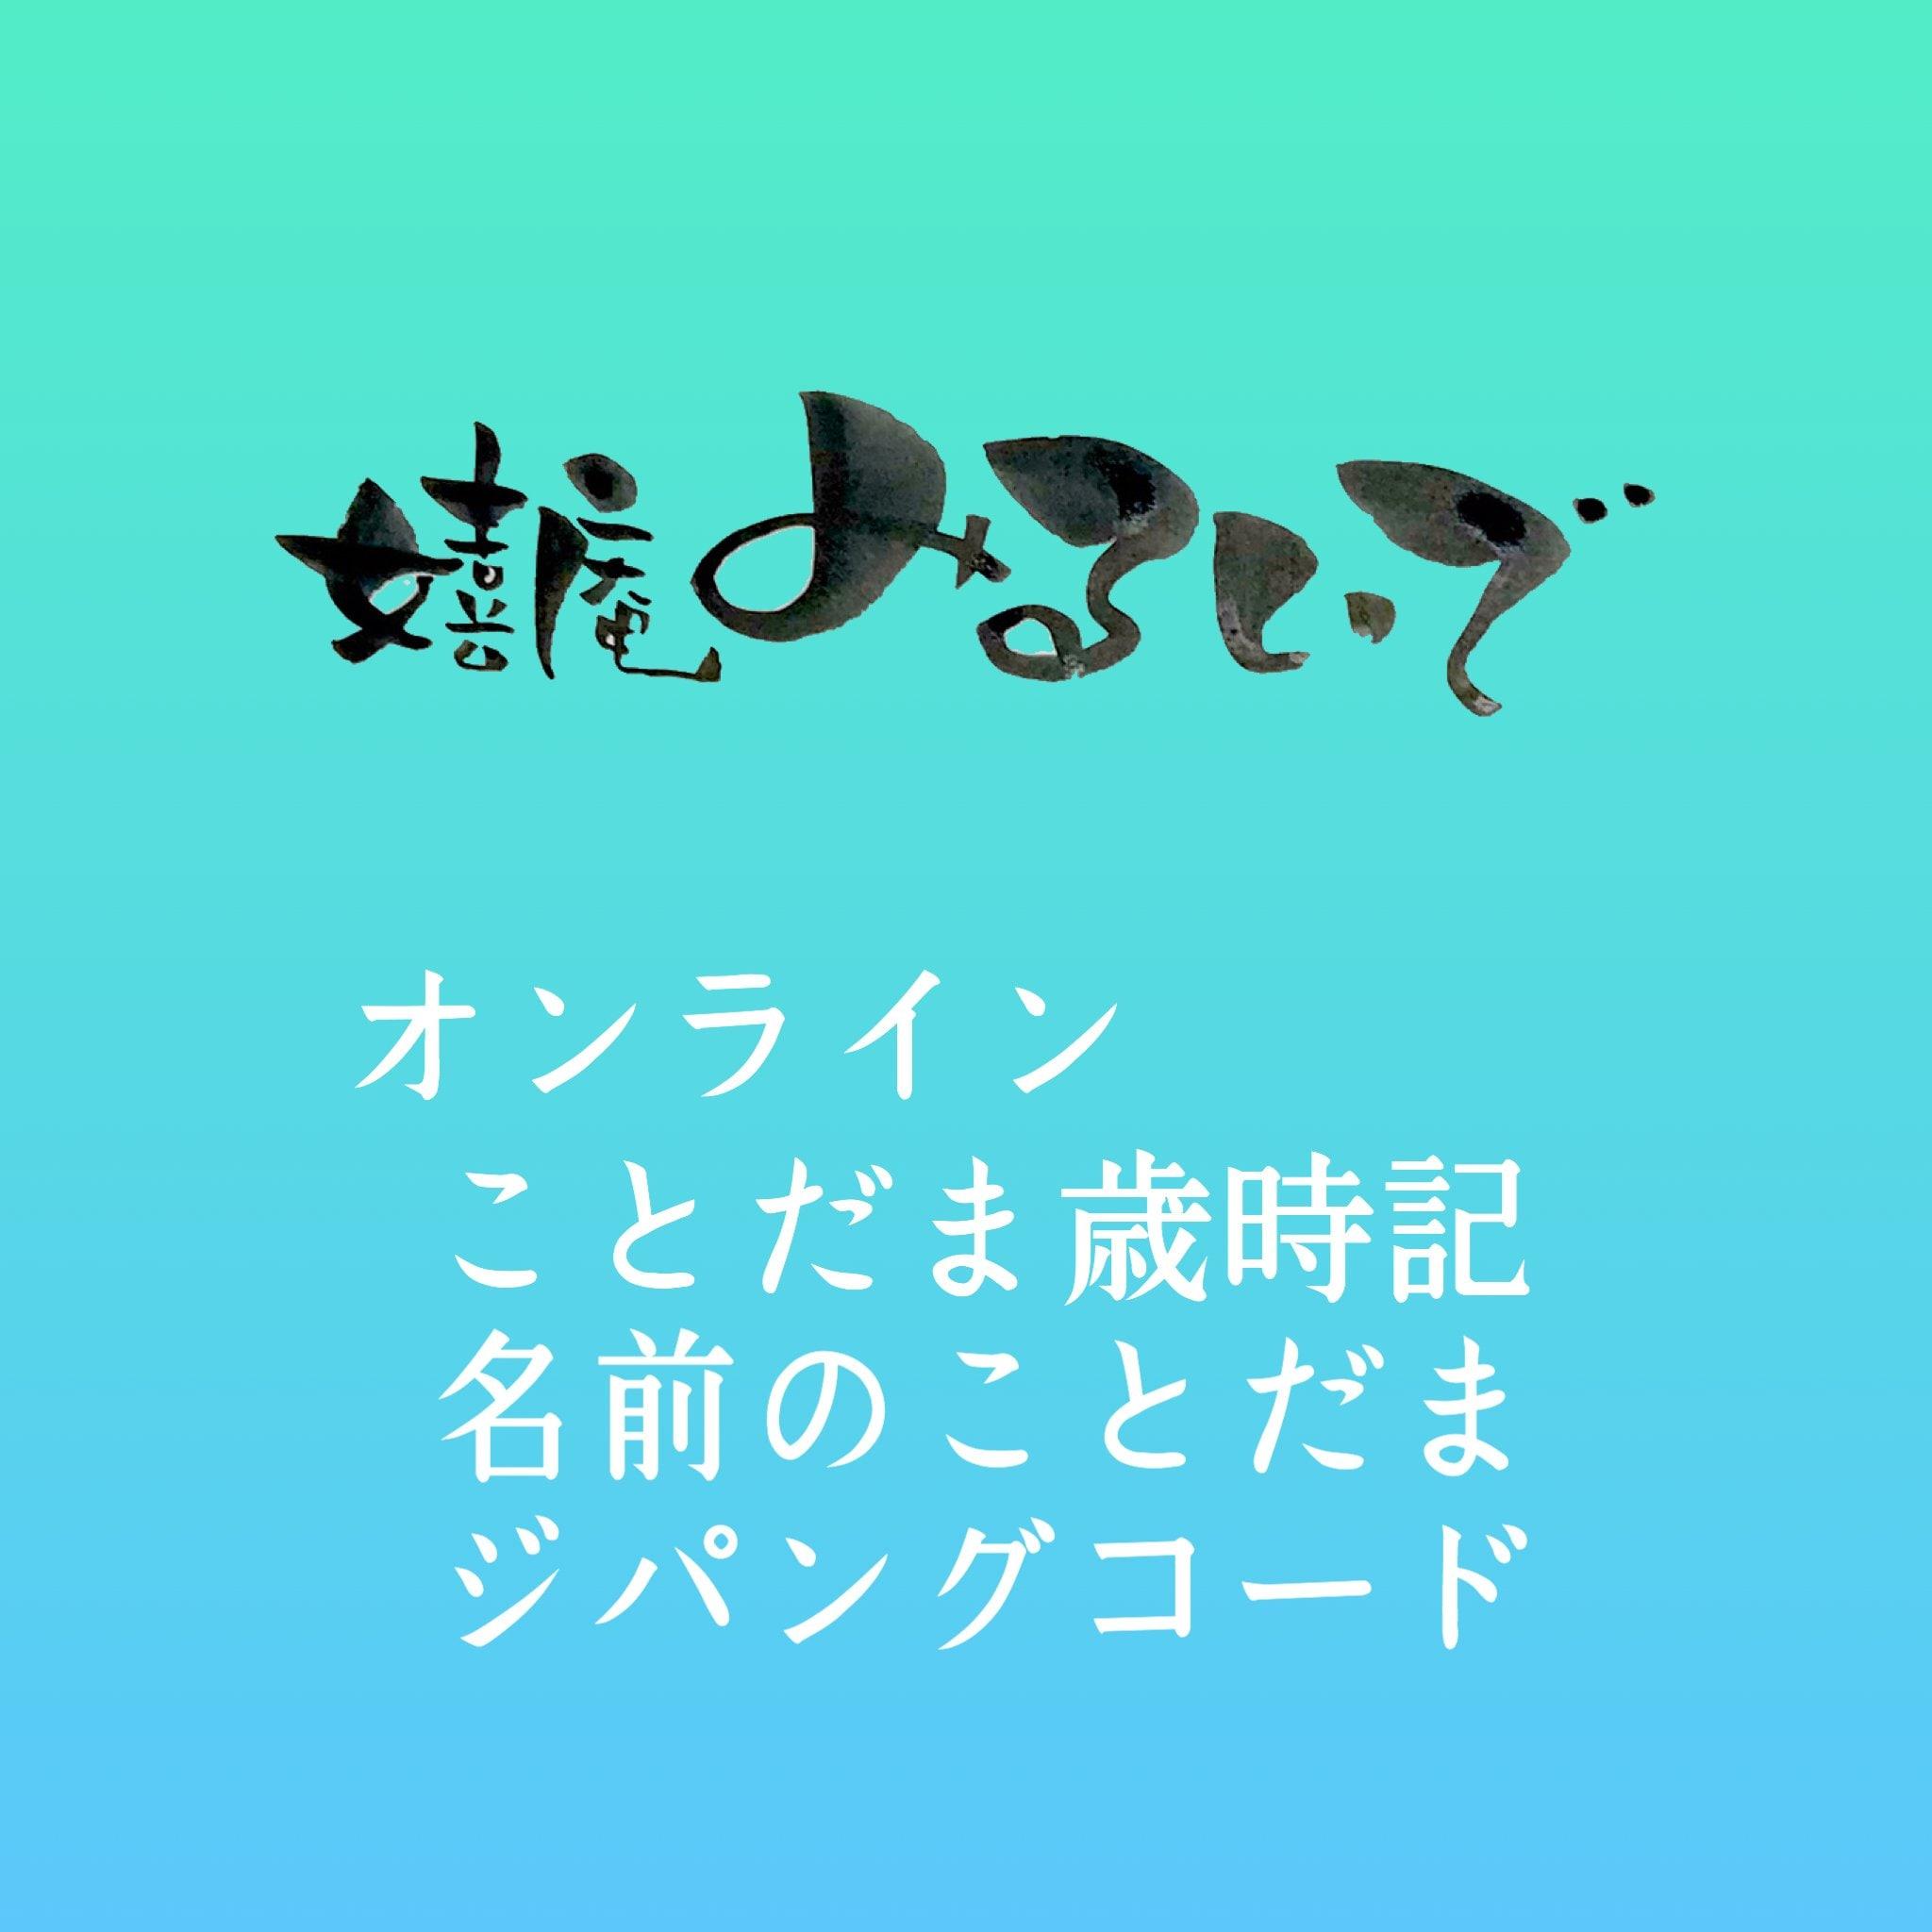 ことだま歳時記/日本の良き風習を学ぶオンライン/ことだま歳時記/名前のことだまジパングコードのイメージその1